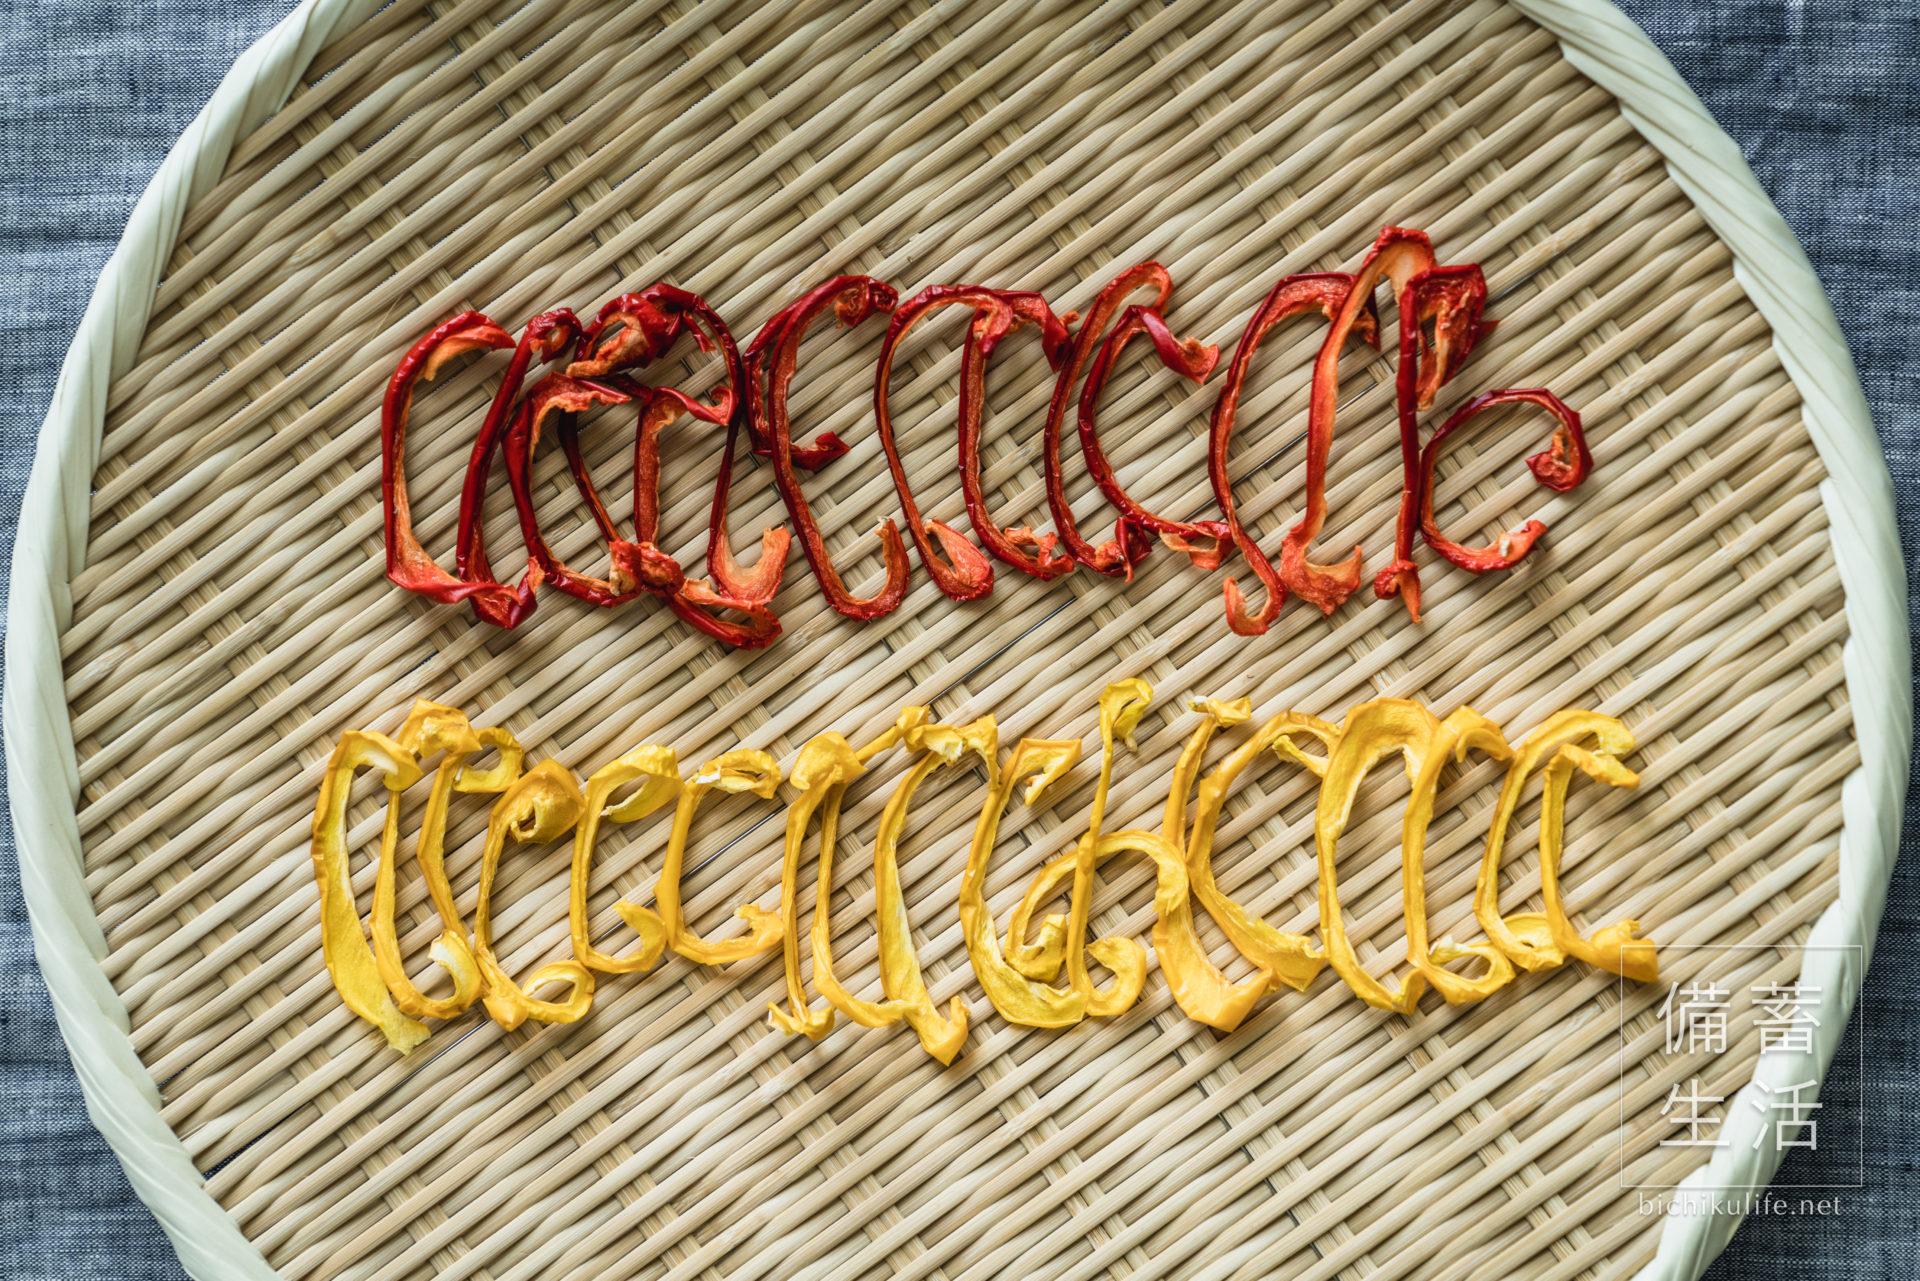 パプリカ 干し野菜づくり -干しパプリカ-